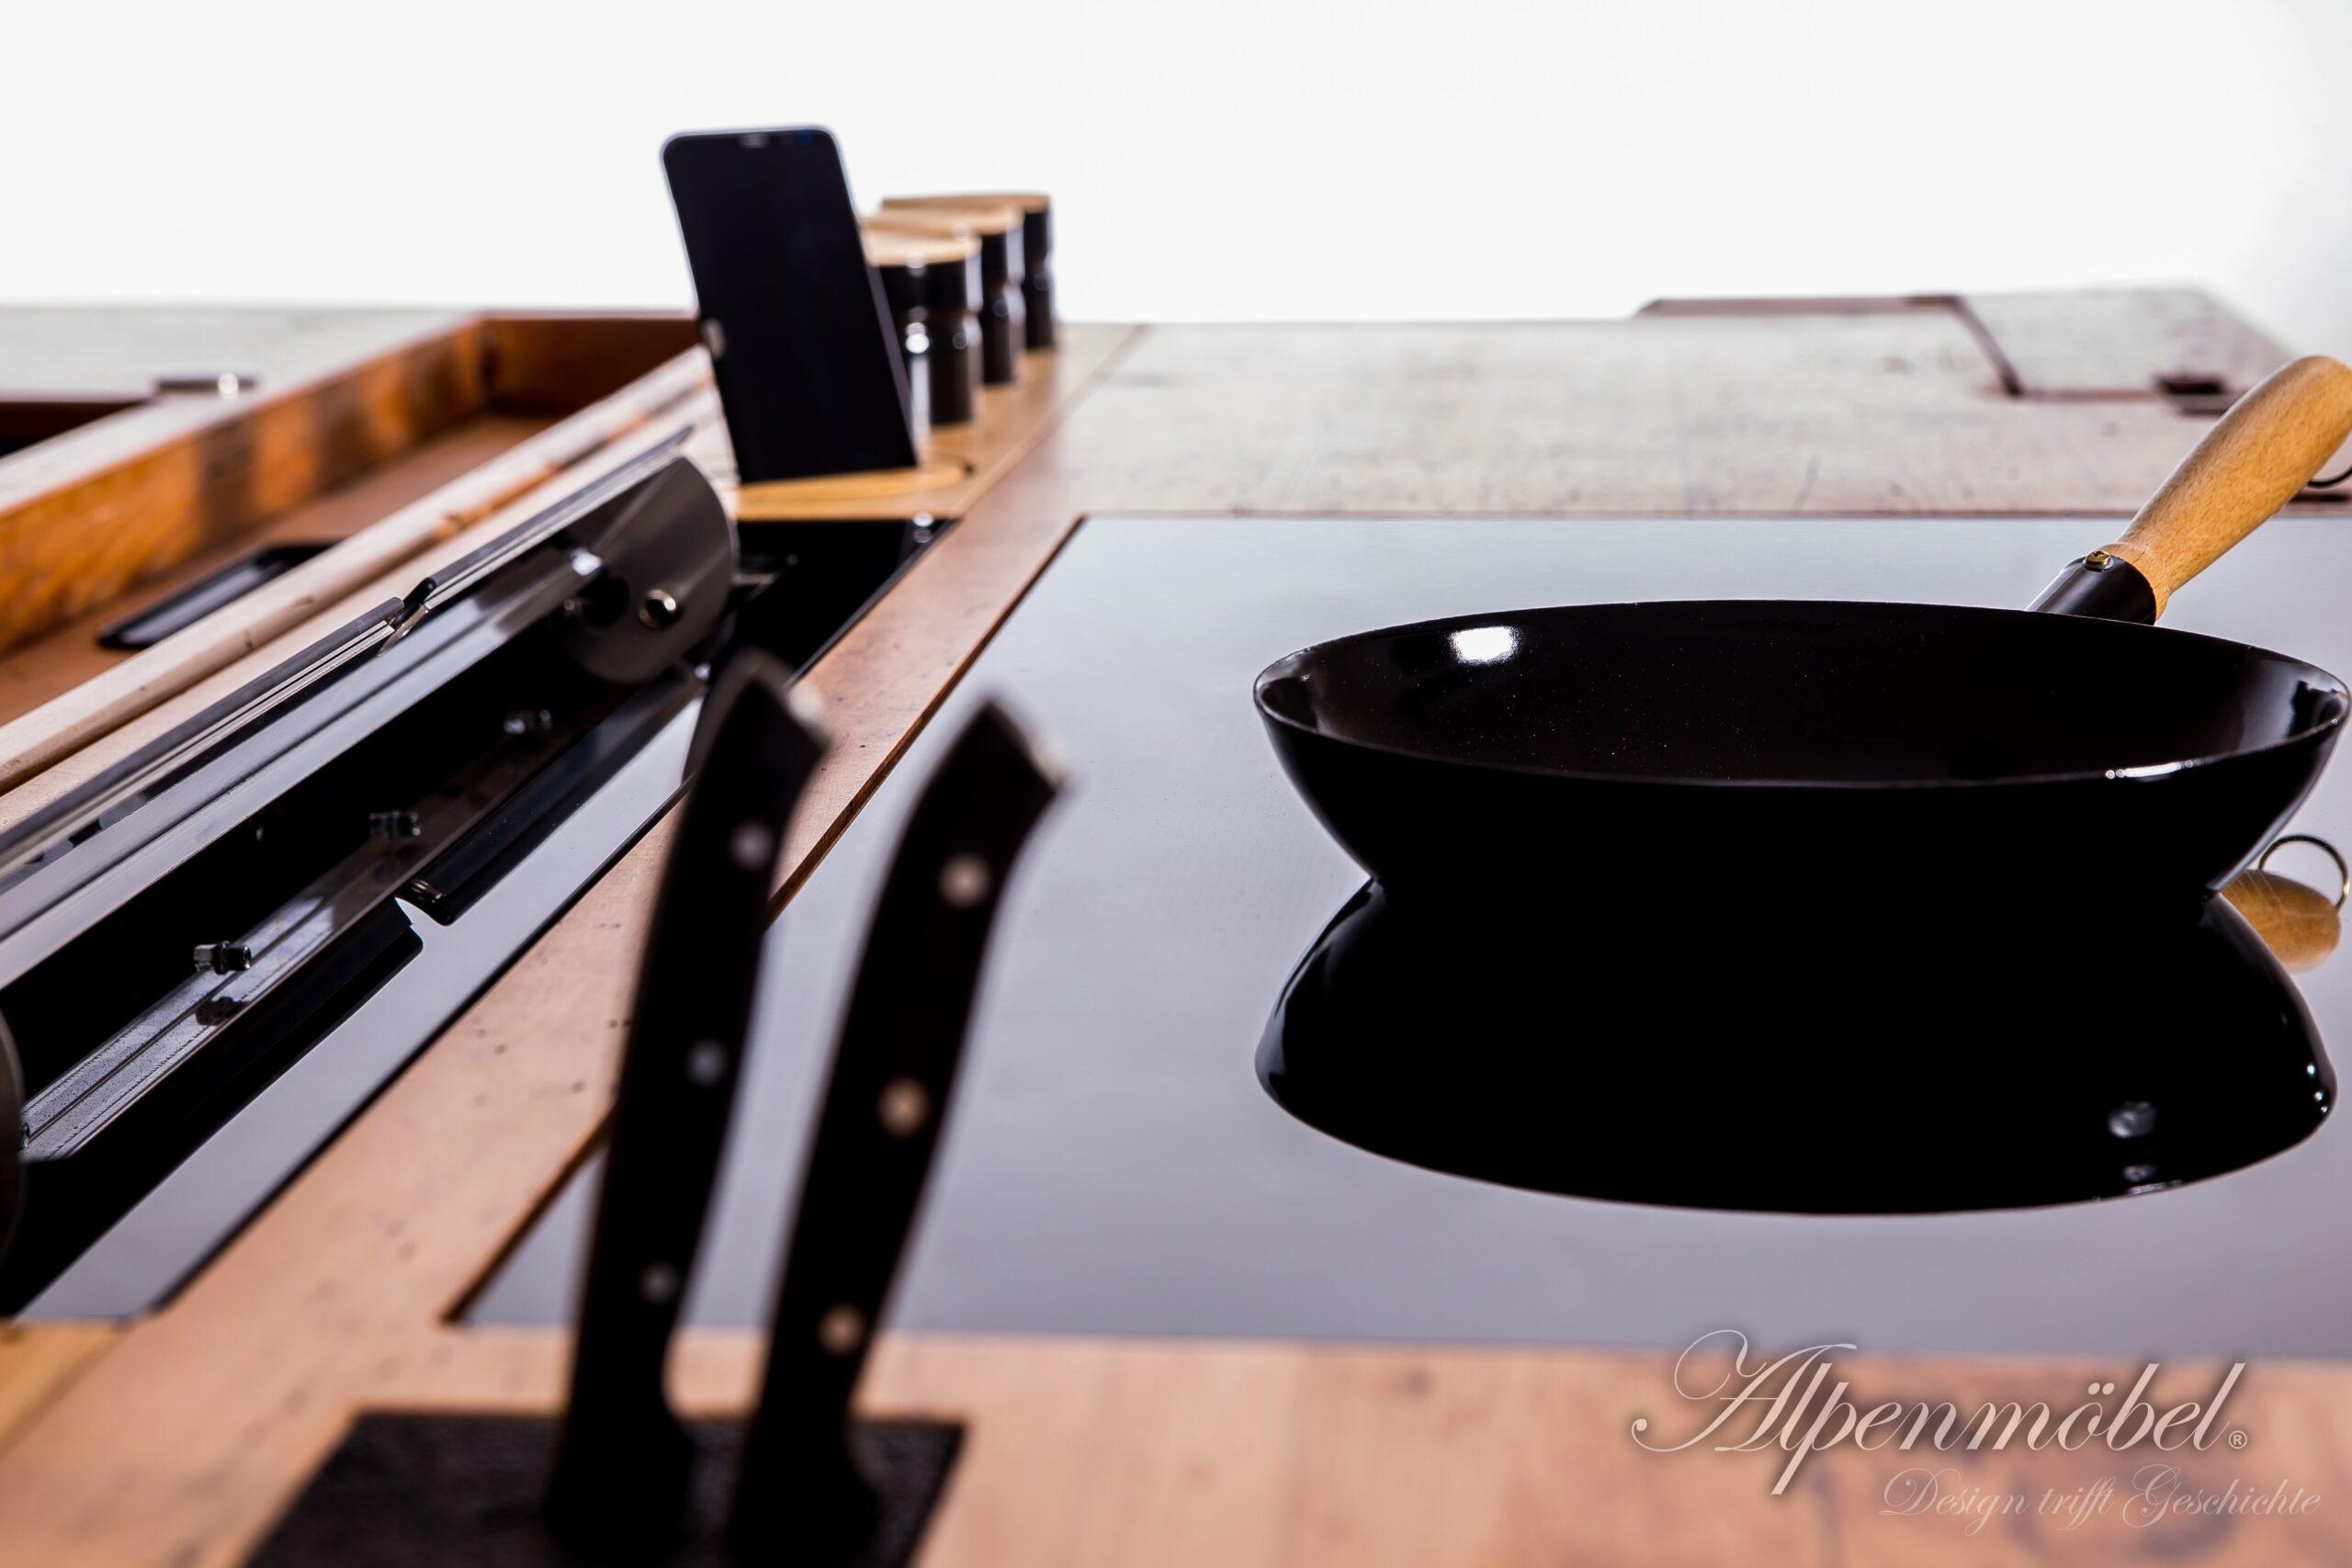 Full Size of Kochinsel Steckdose Alpenmbel Design Trifft Geschichte Hobelbank Bad L Küche Mit Spiegelschrank Beleuchtung Und Wohnzimmer Kochinsel Steckdose